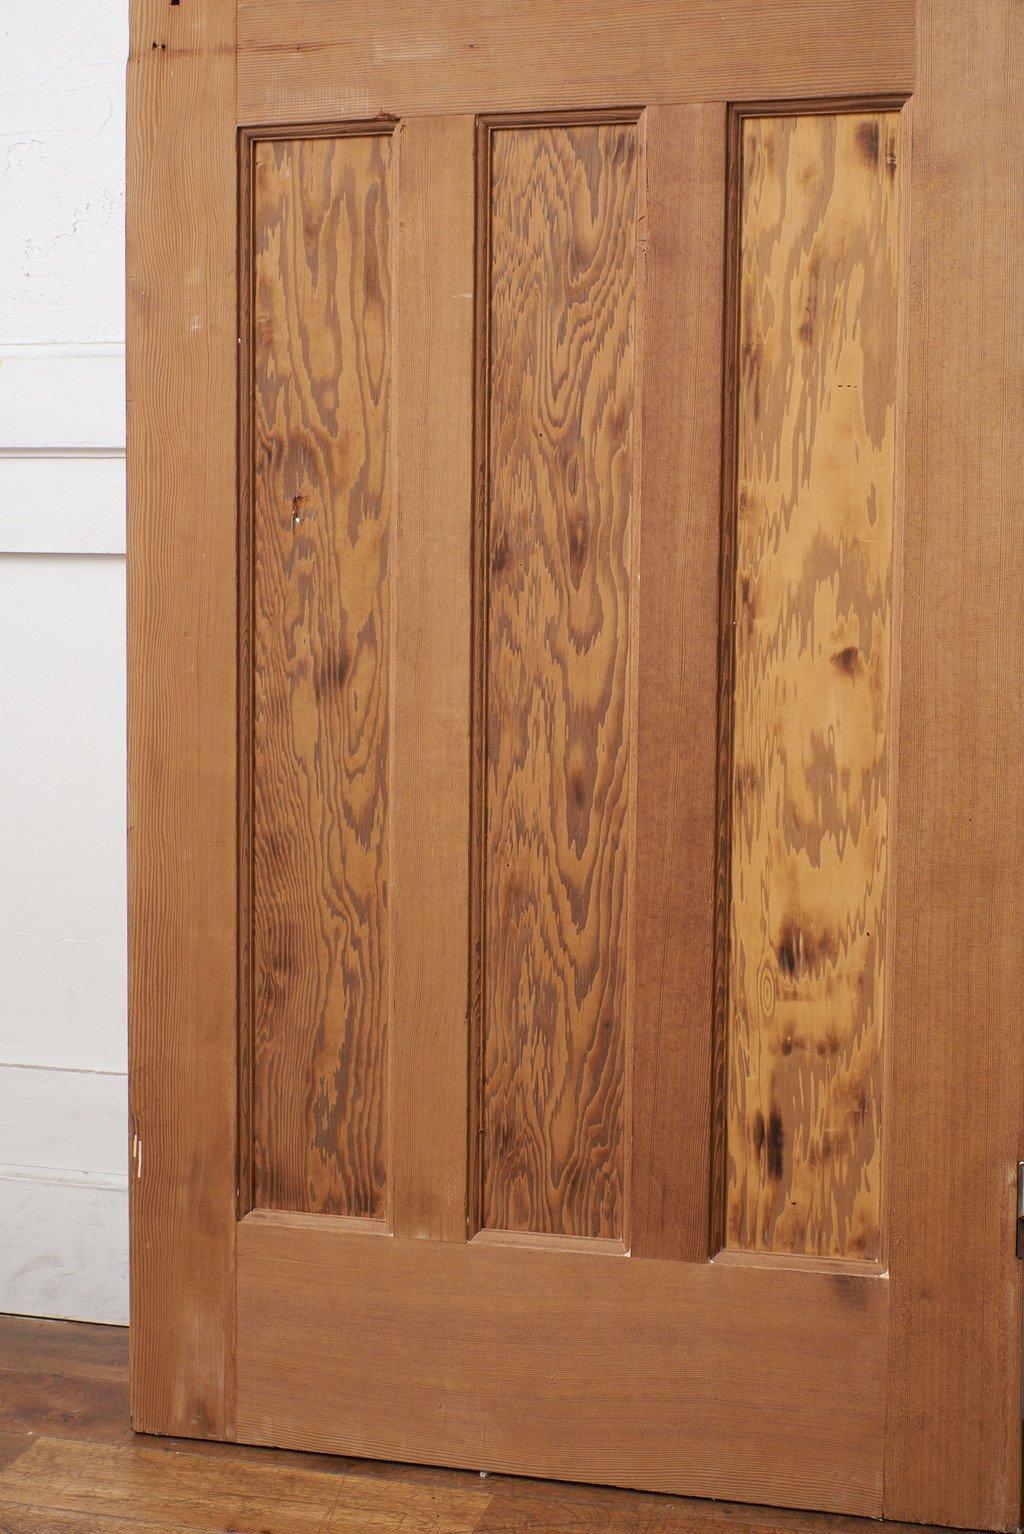 #37499 オールドパイン 英国アンティーク ドア コンディション画像 - 15